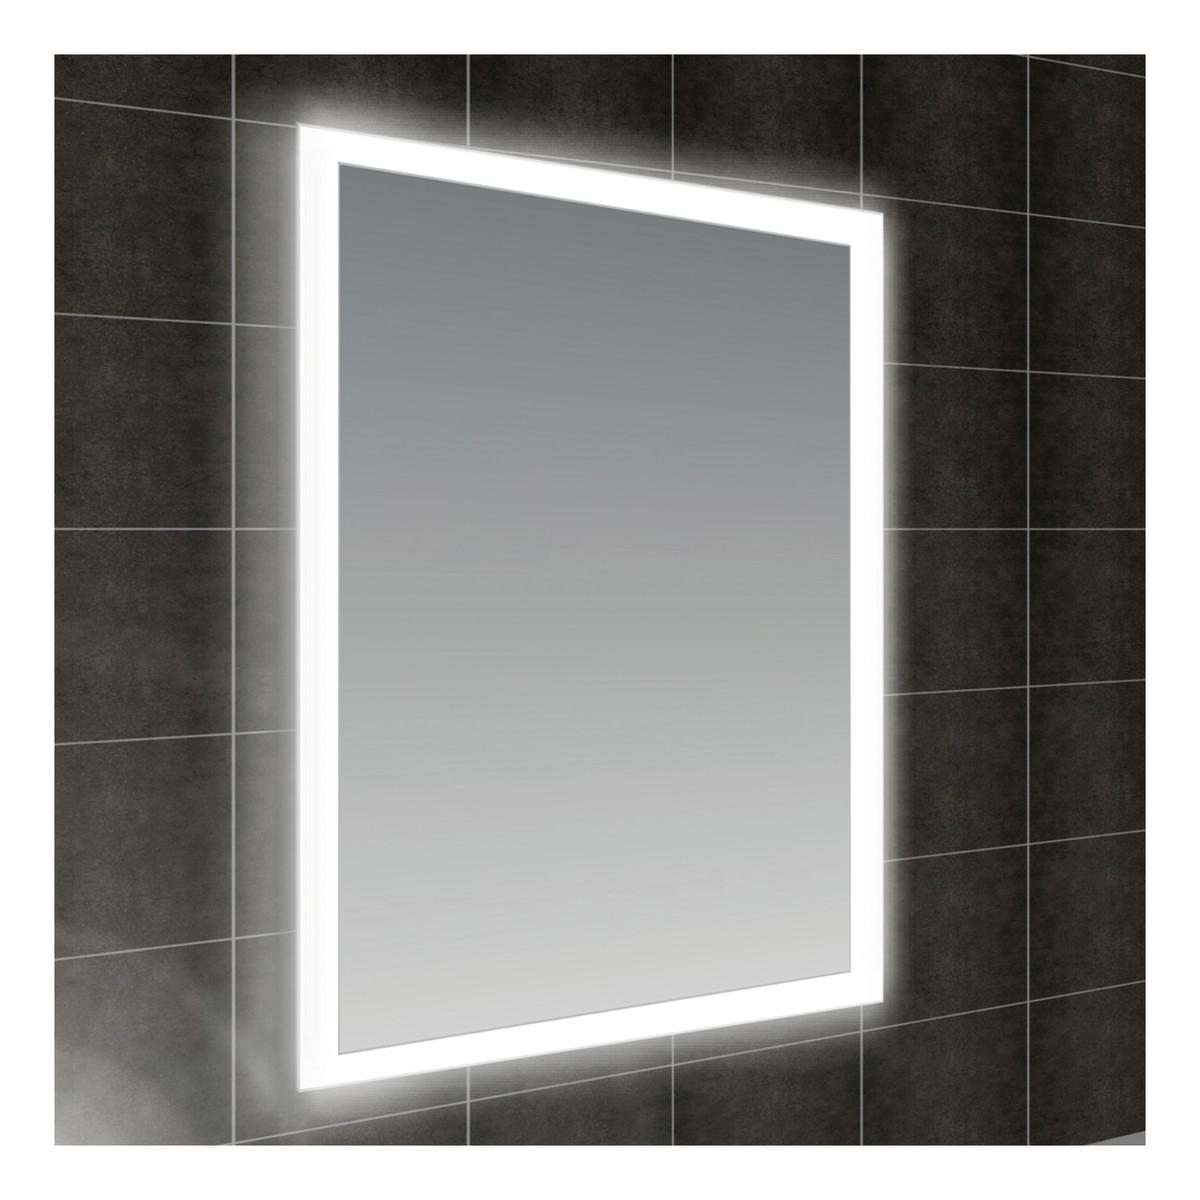 specchio bagno con luce o senza luce: prezzi e offerte online - Specchio Contenitore Per Bagno